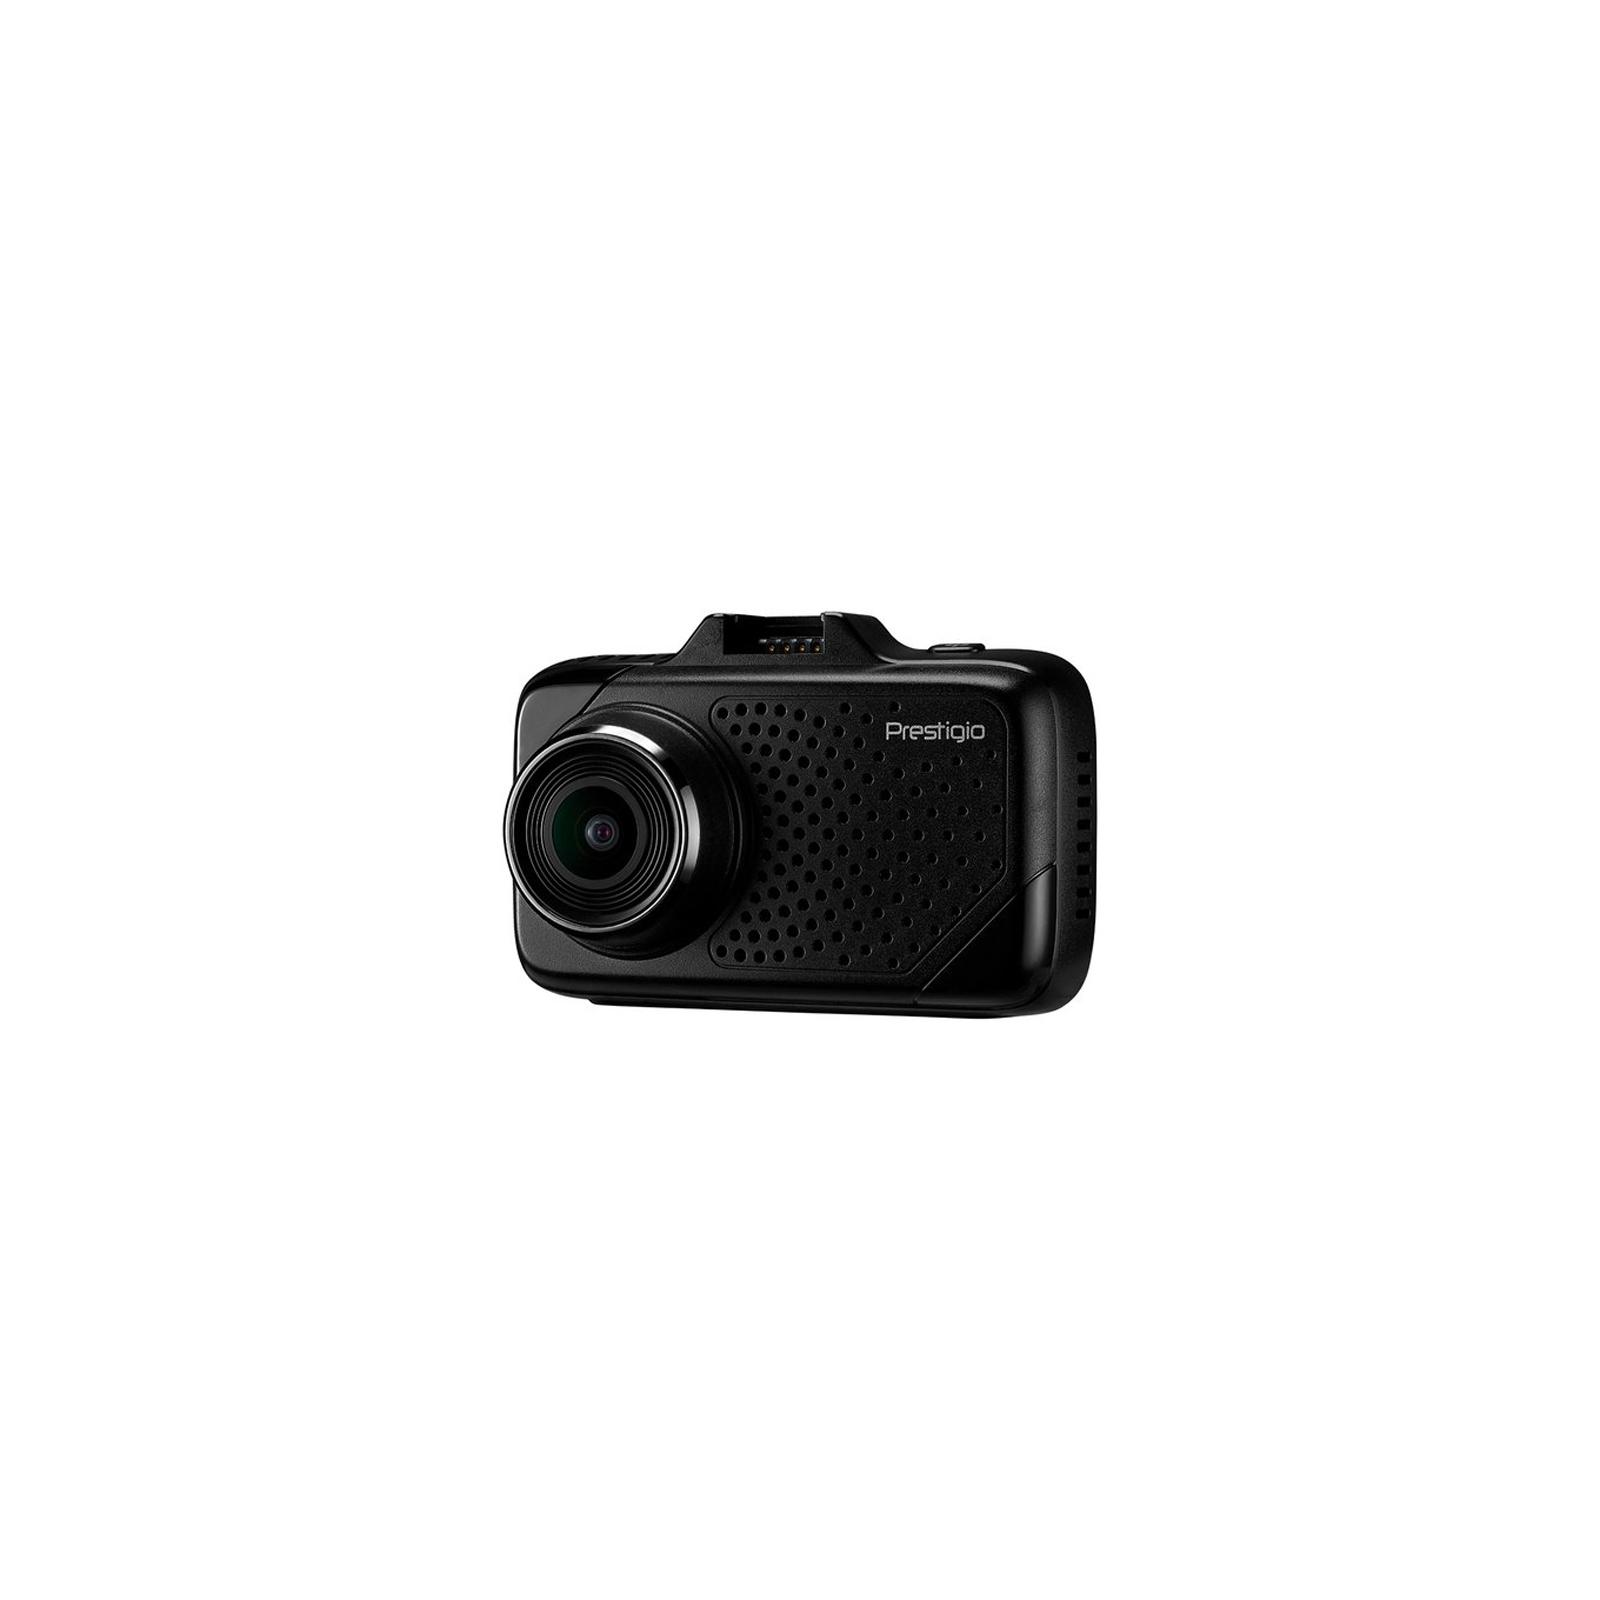 Видеорегистратор Prestigio RoadScanner 700GPS (PRS700GPS)